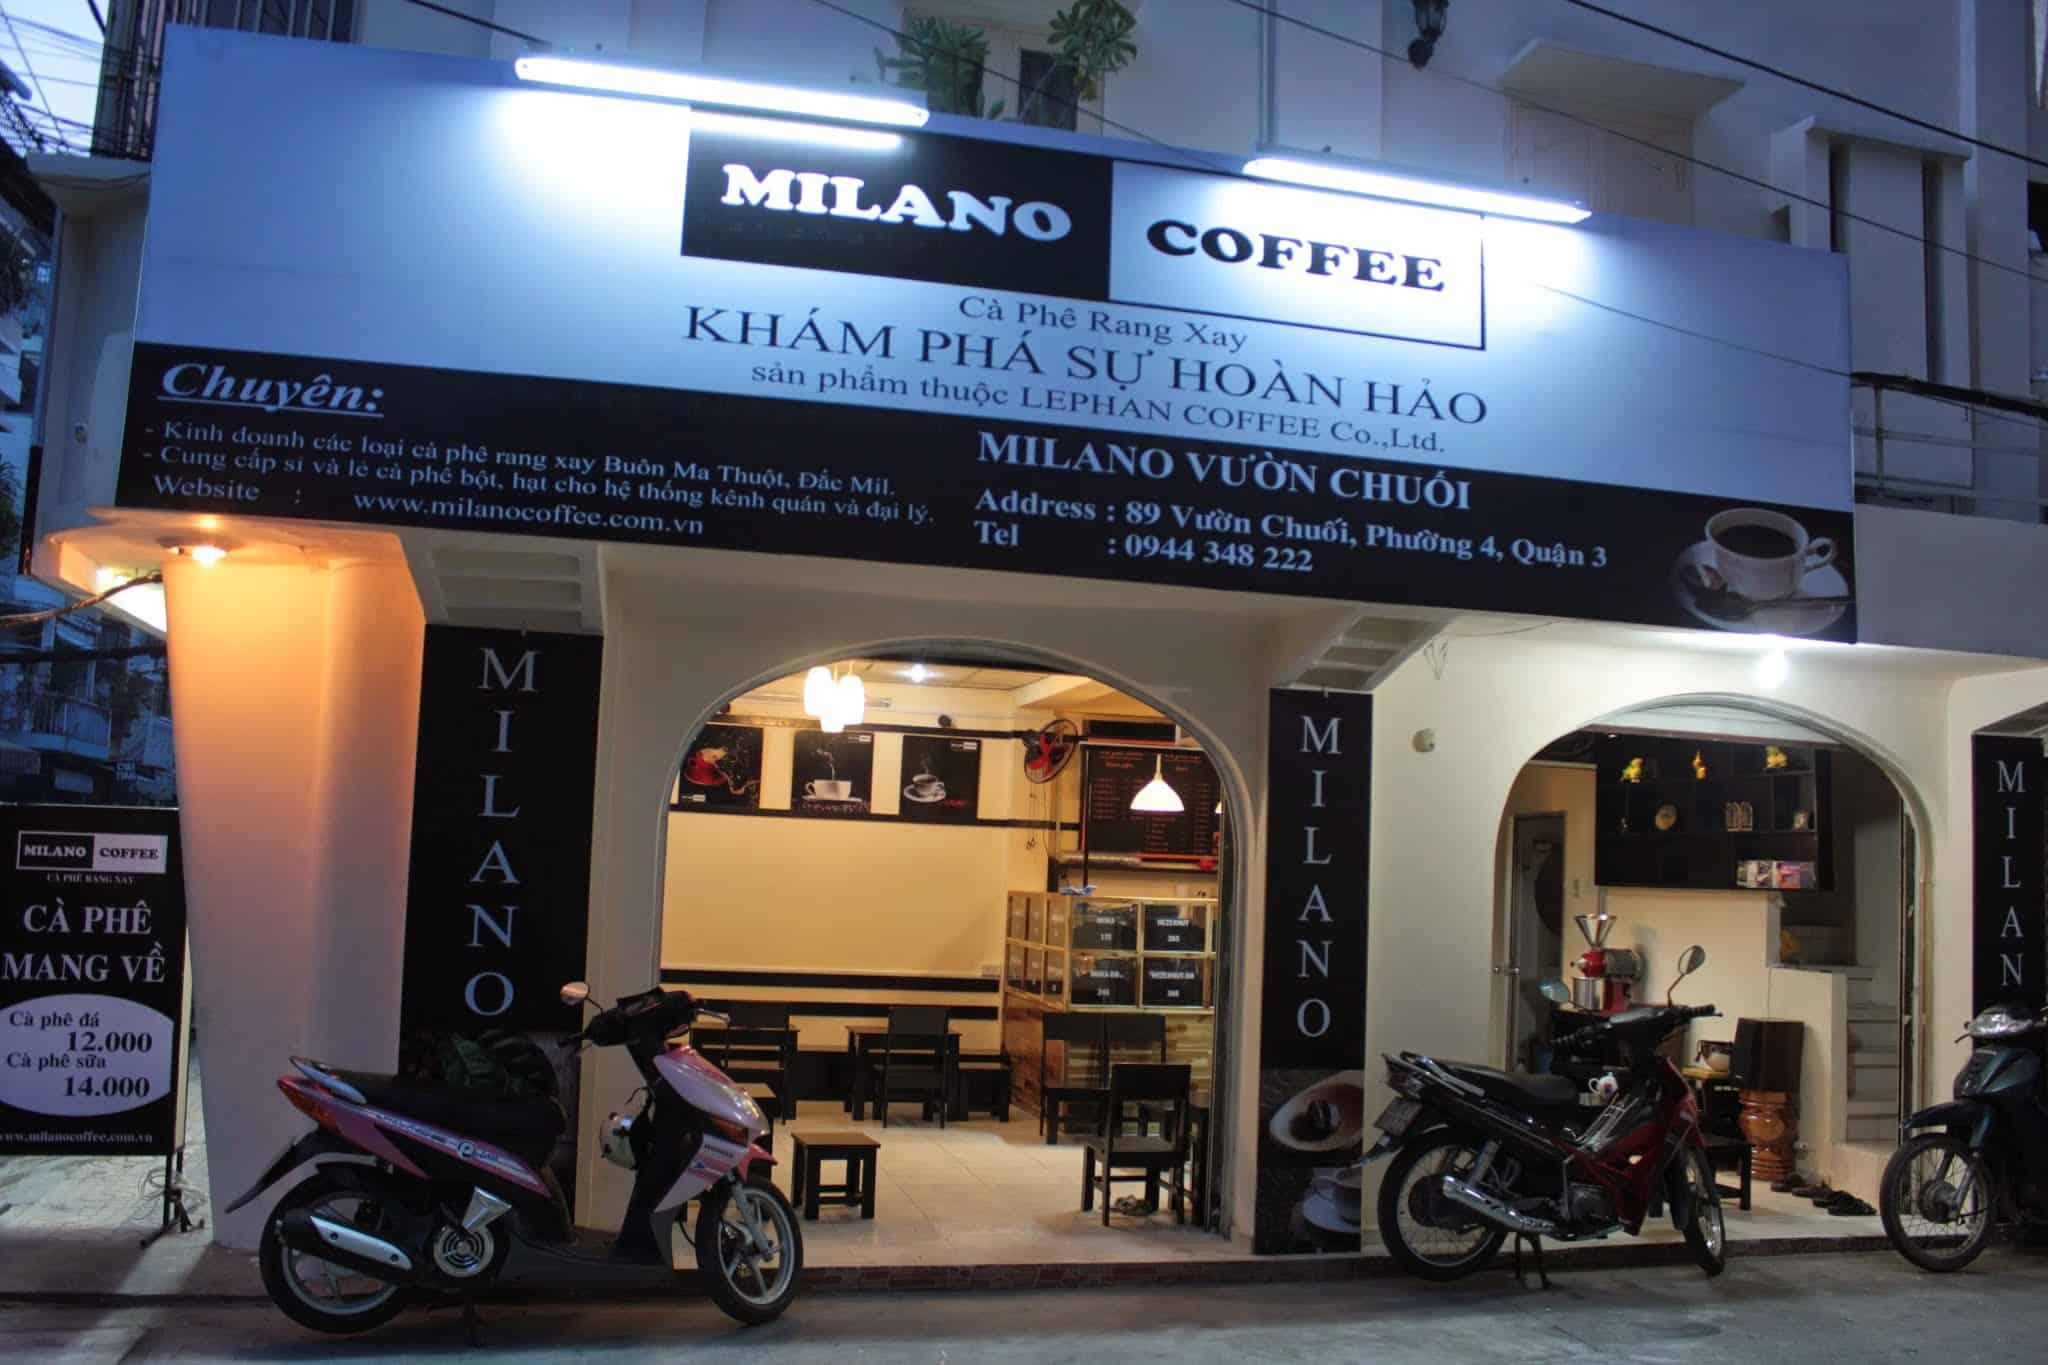 nhượng quyền cafe milano coffee